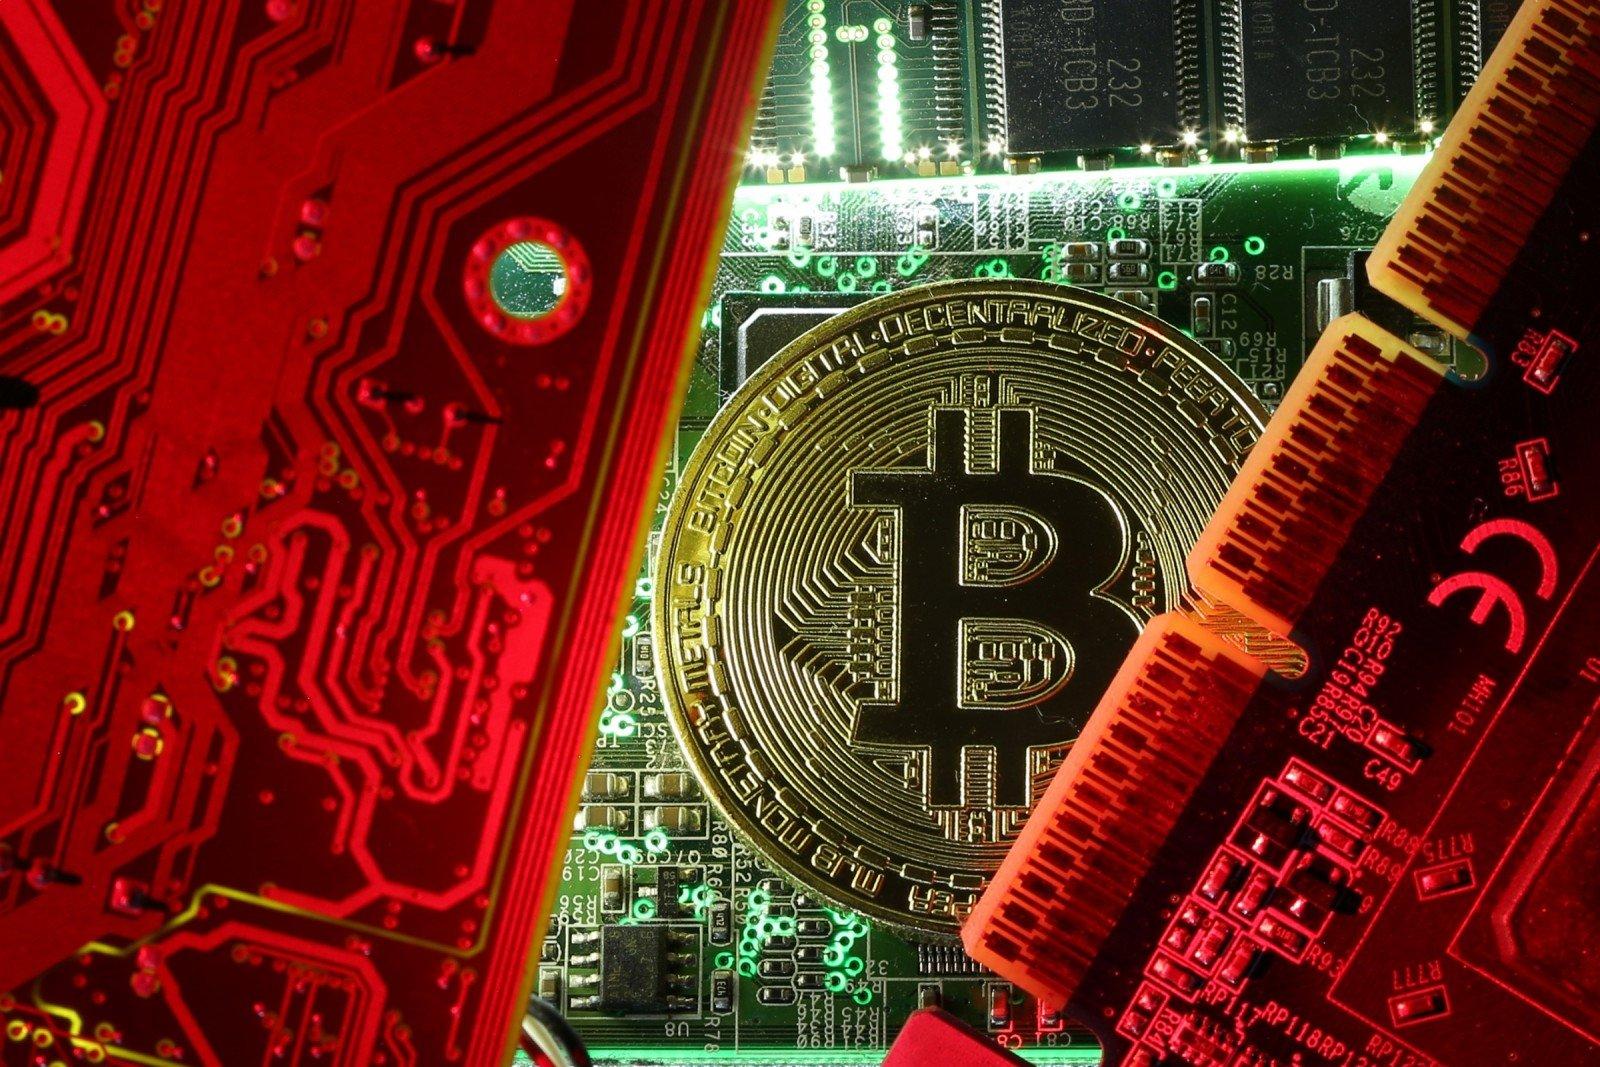 bitkoinų grynųjų